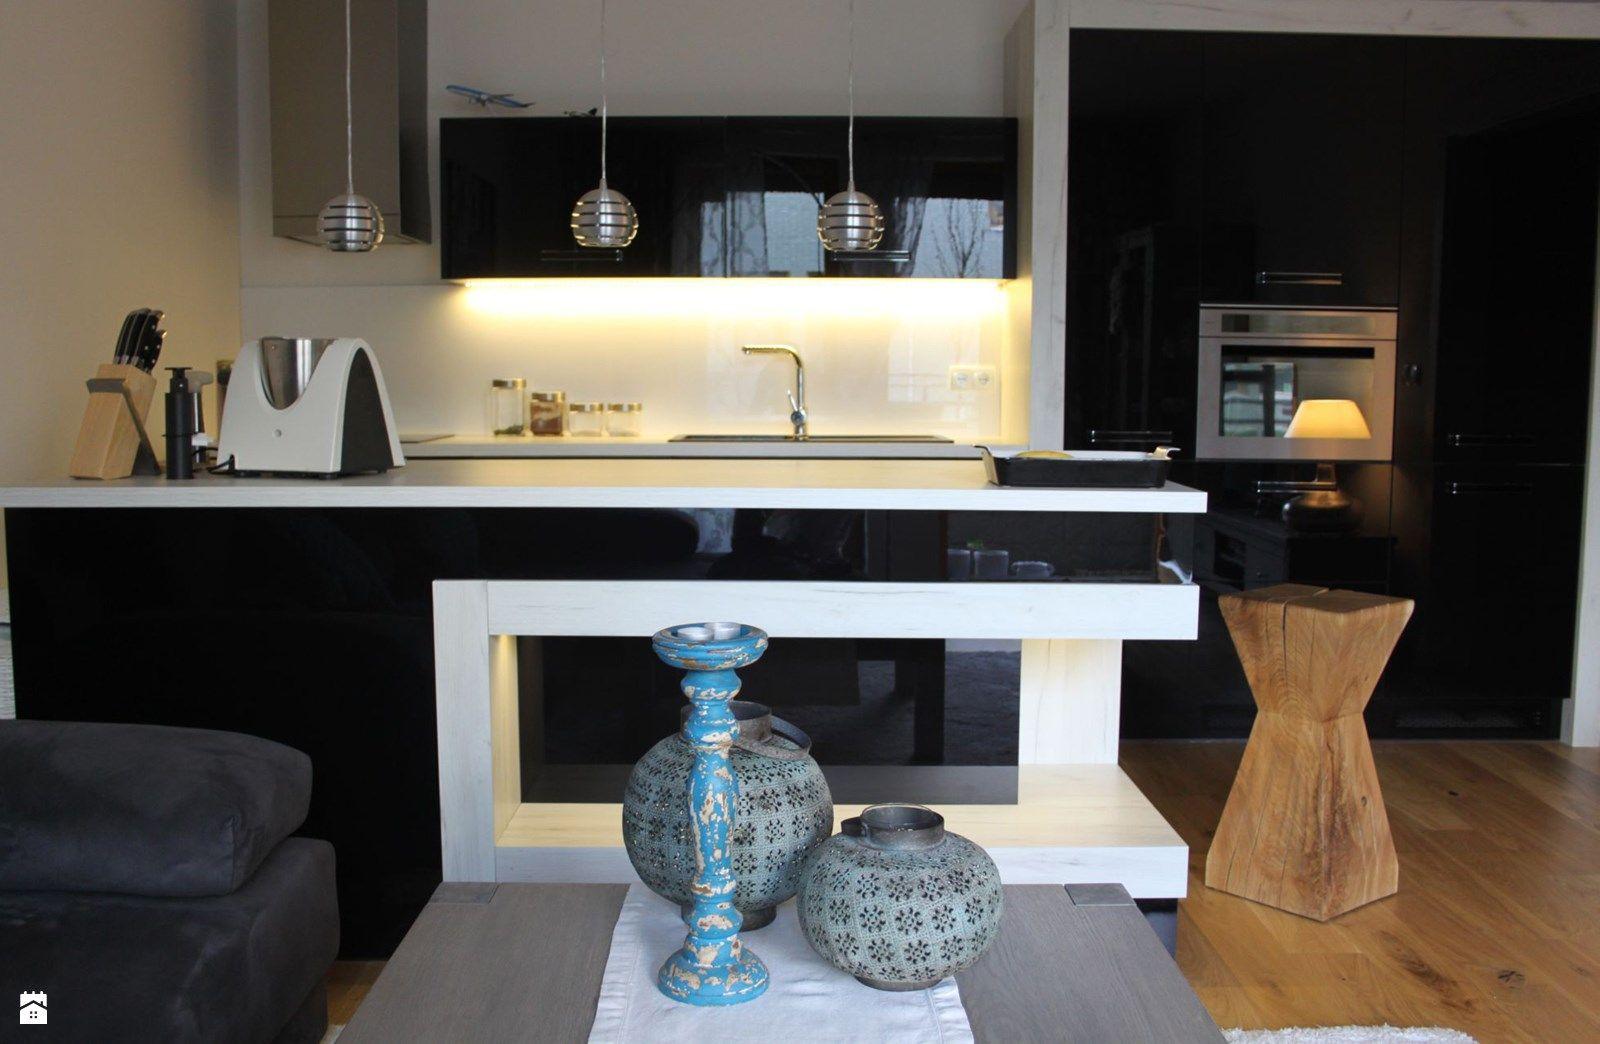 Wystroj Wnetrz Duza Kuchnia W Ksztalcie Litery G Pomysly Na Aranzacje Projekty Ktore Stanowia Prawdziwe Inspiracje Dla Kazdego Home Decor Furniture Decor